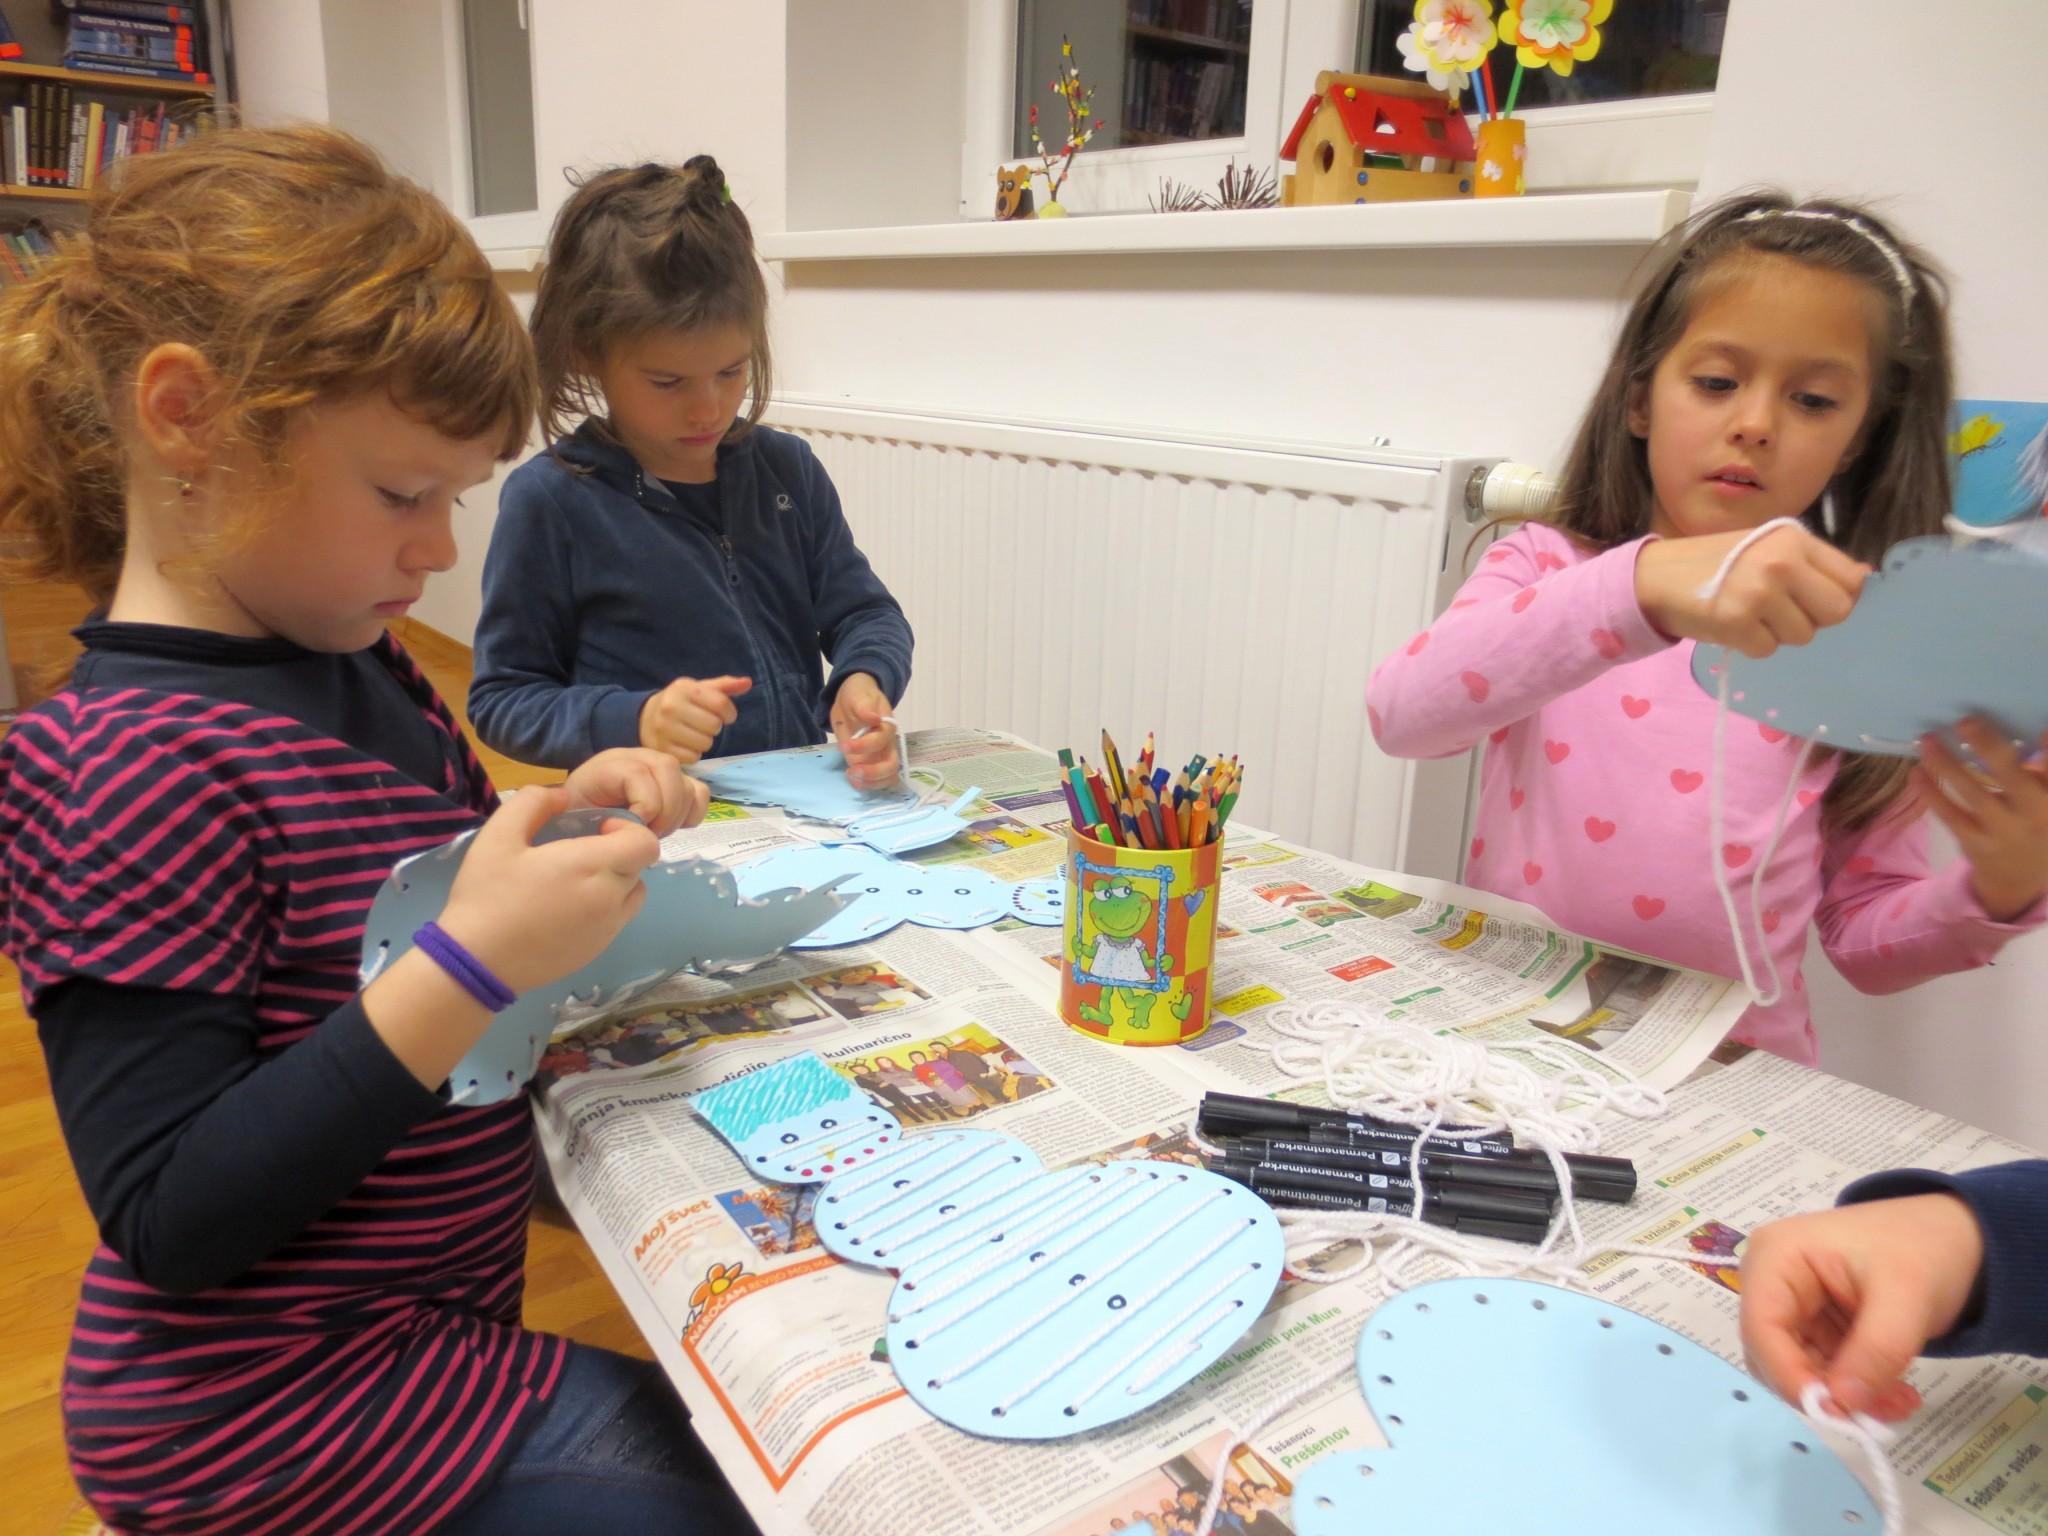 IMG 3387 - Pravljična ura in ustvarjalna delavnica za otroke od 4. leta dalje